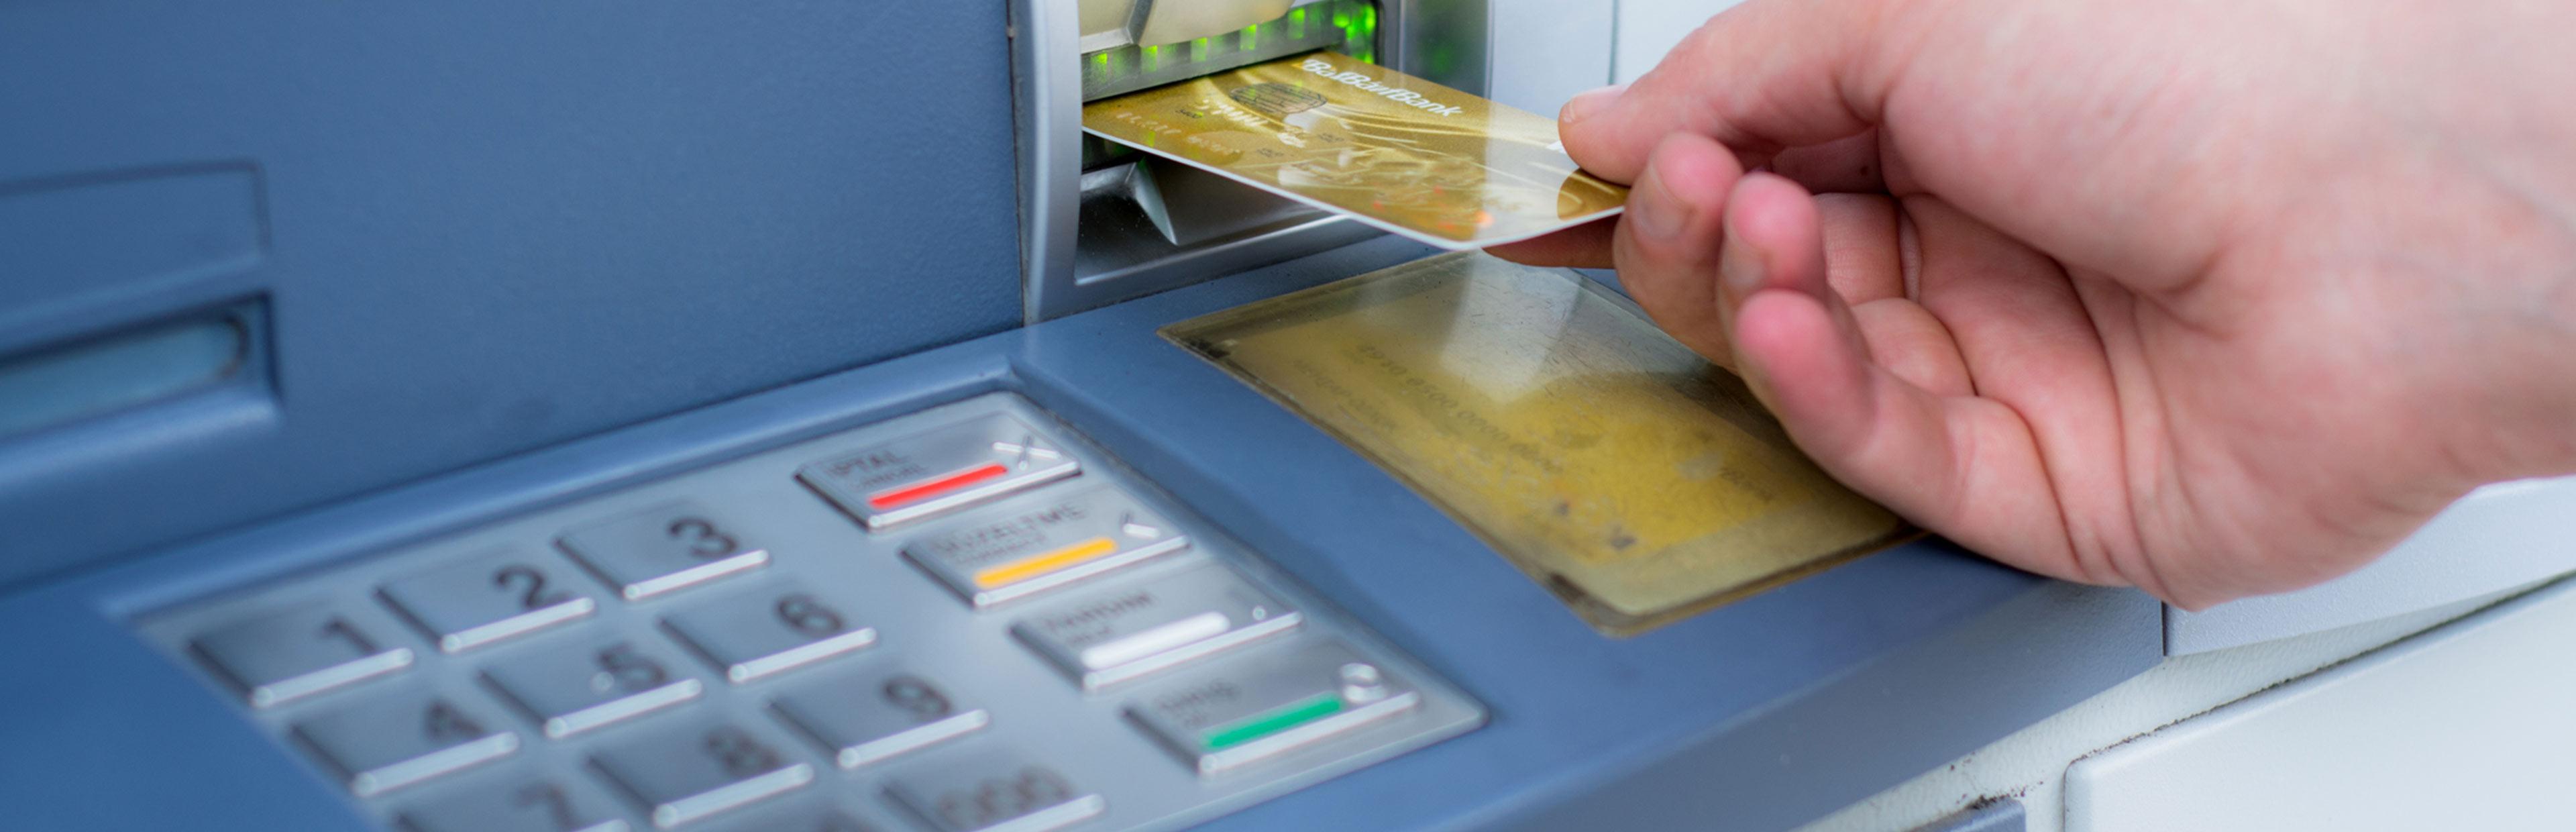 Best Debit Card in Sri Lanka | National Savings Bank